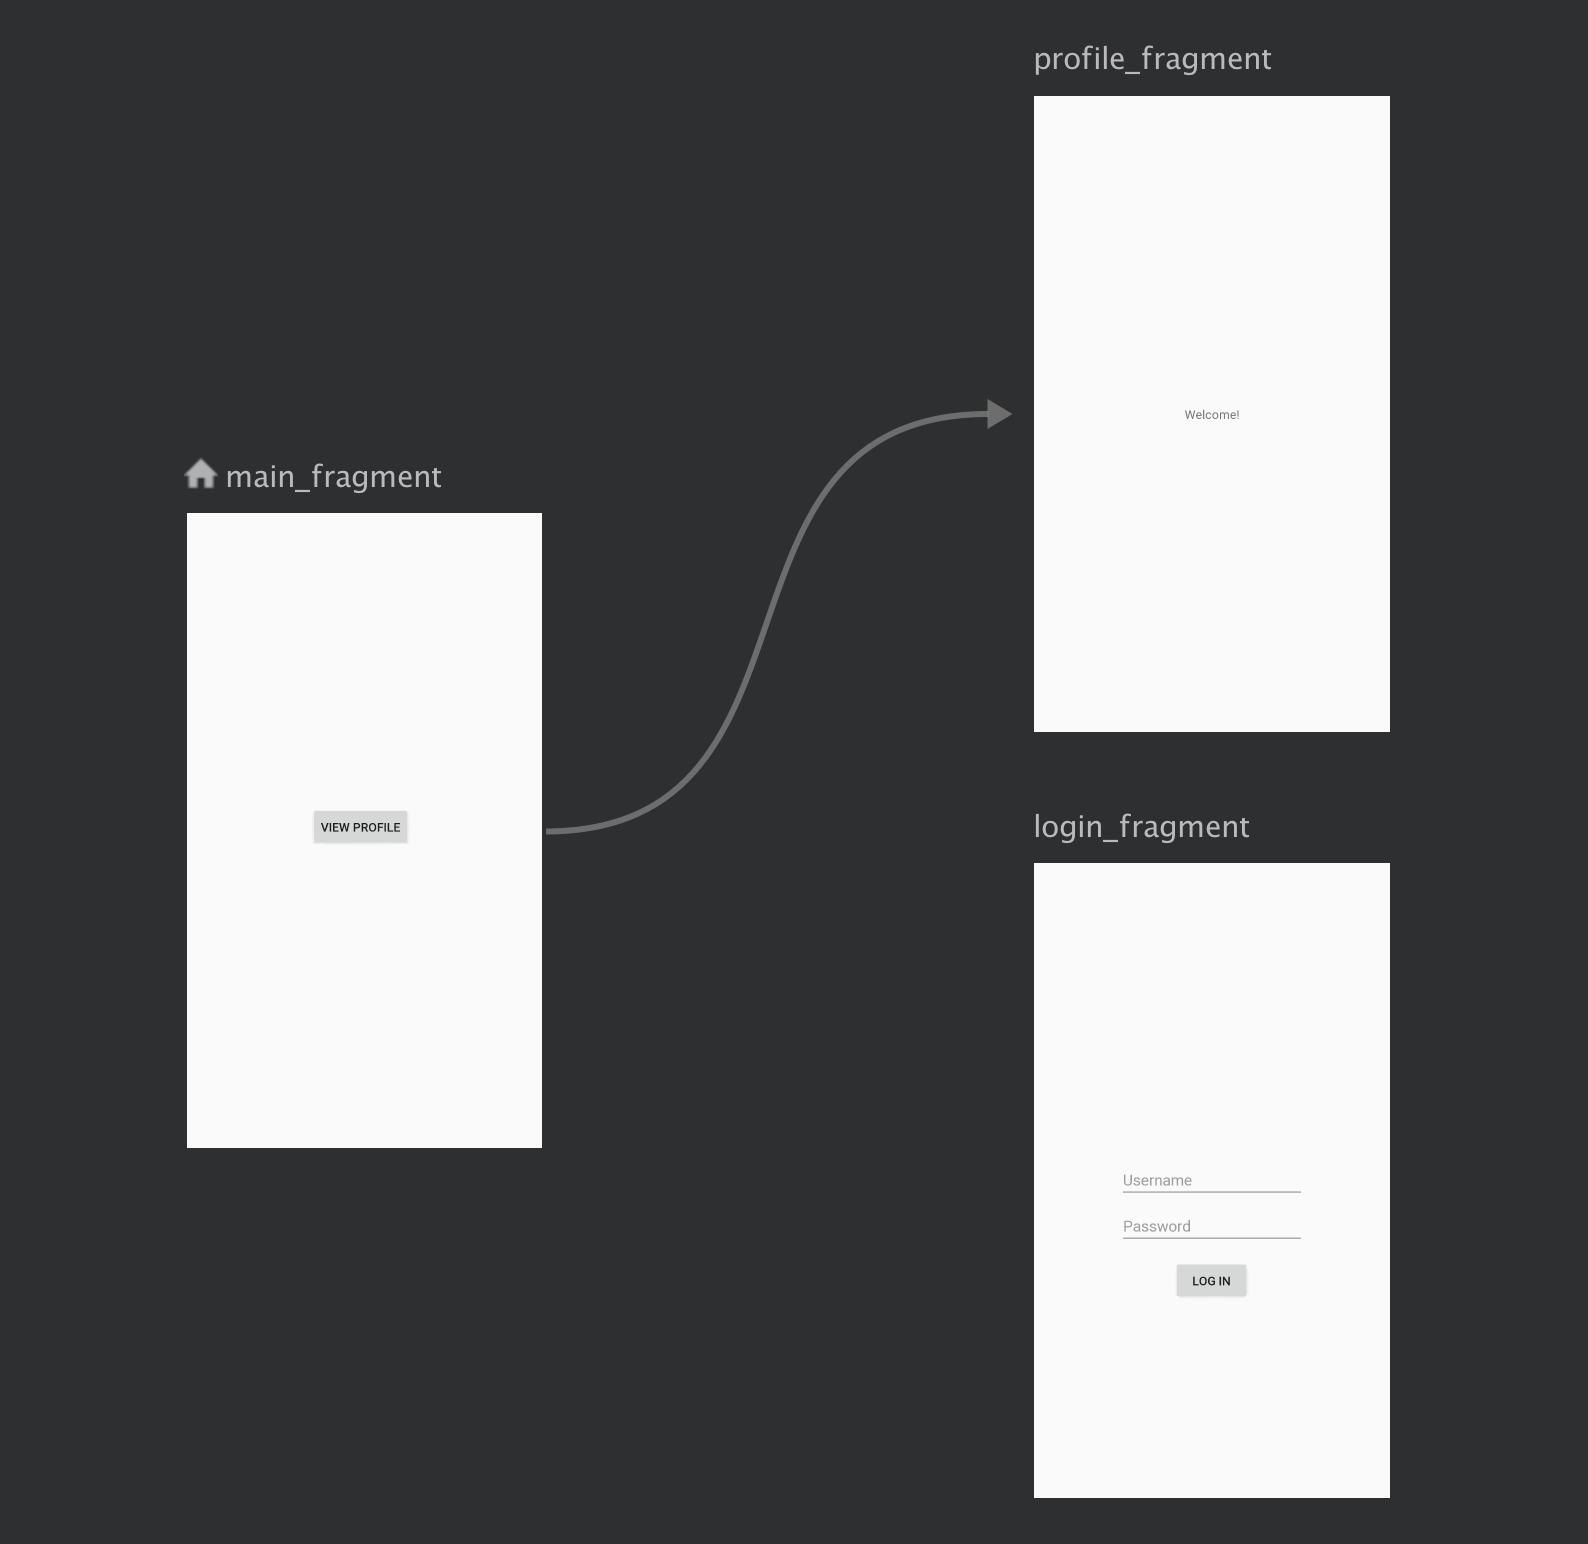 アプリのメイン ナビゲーション フローとは独立して処理されるログインフロー